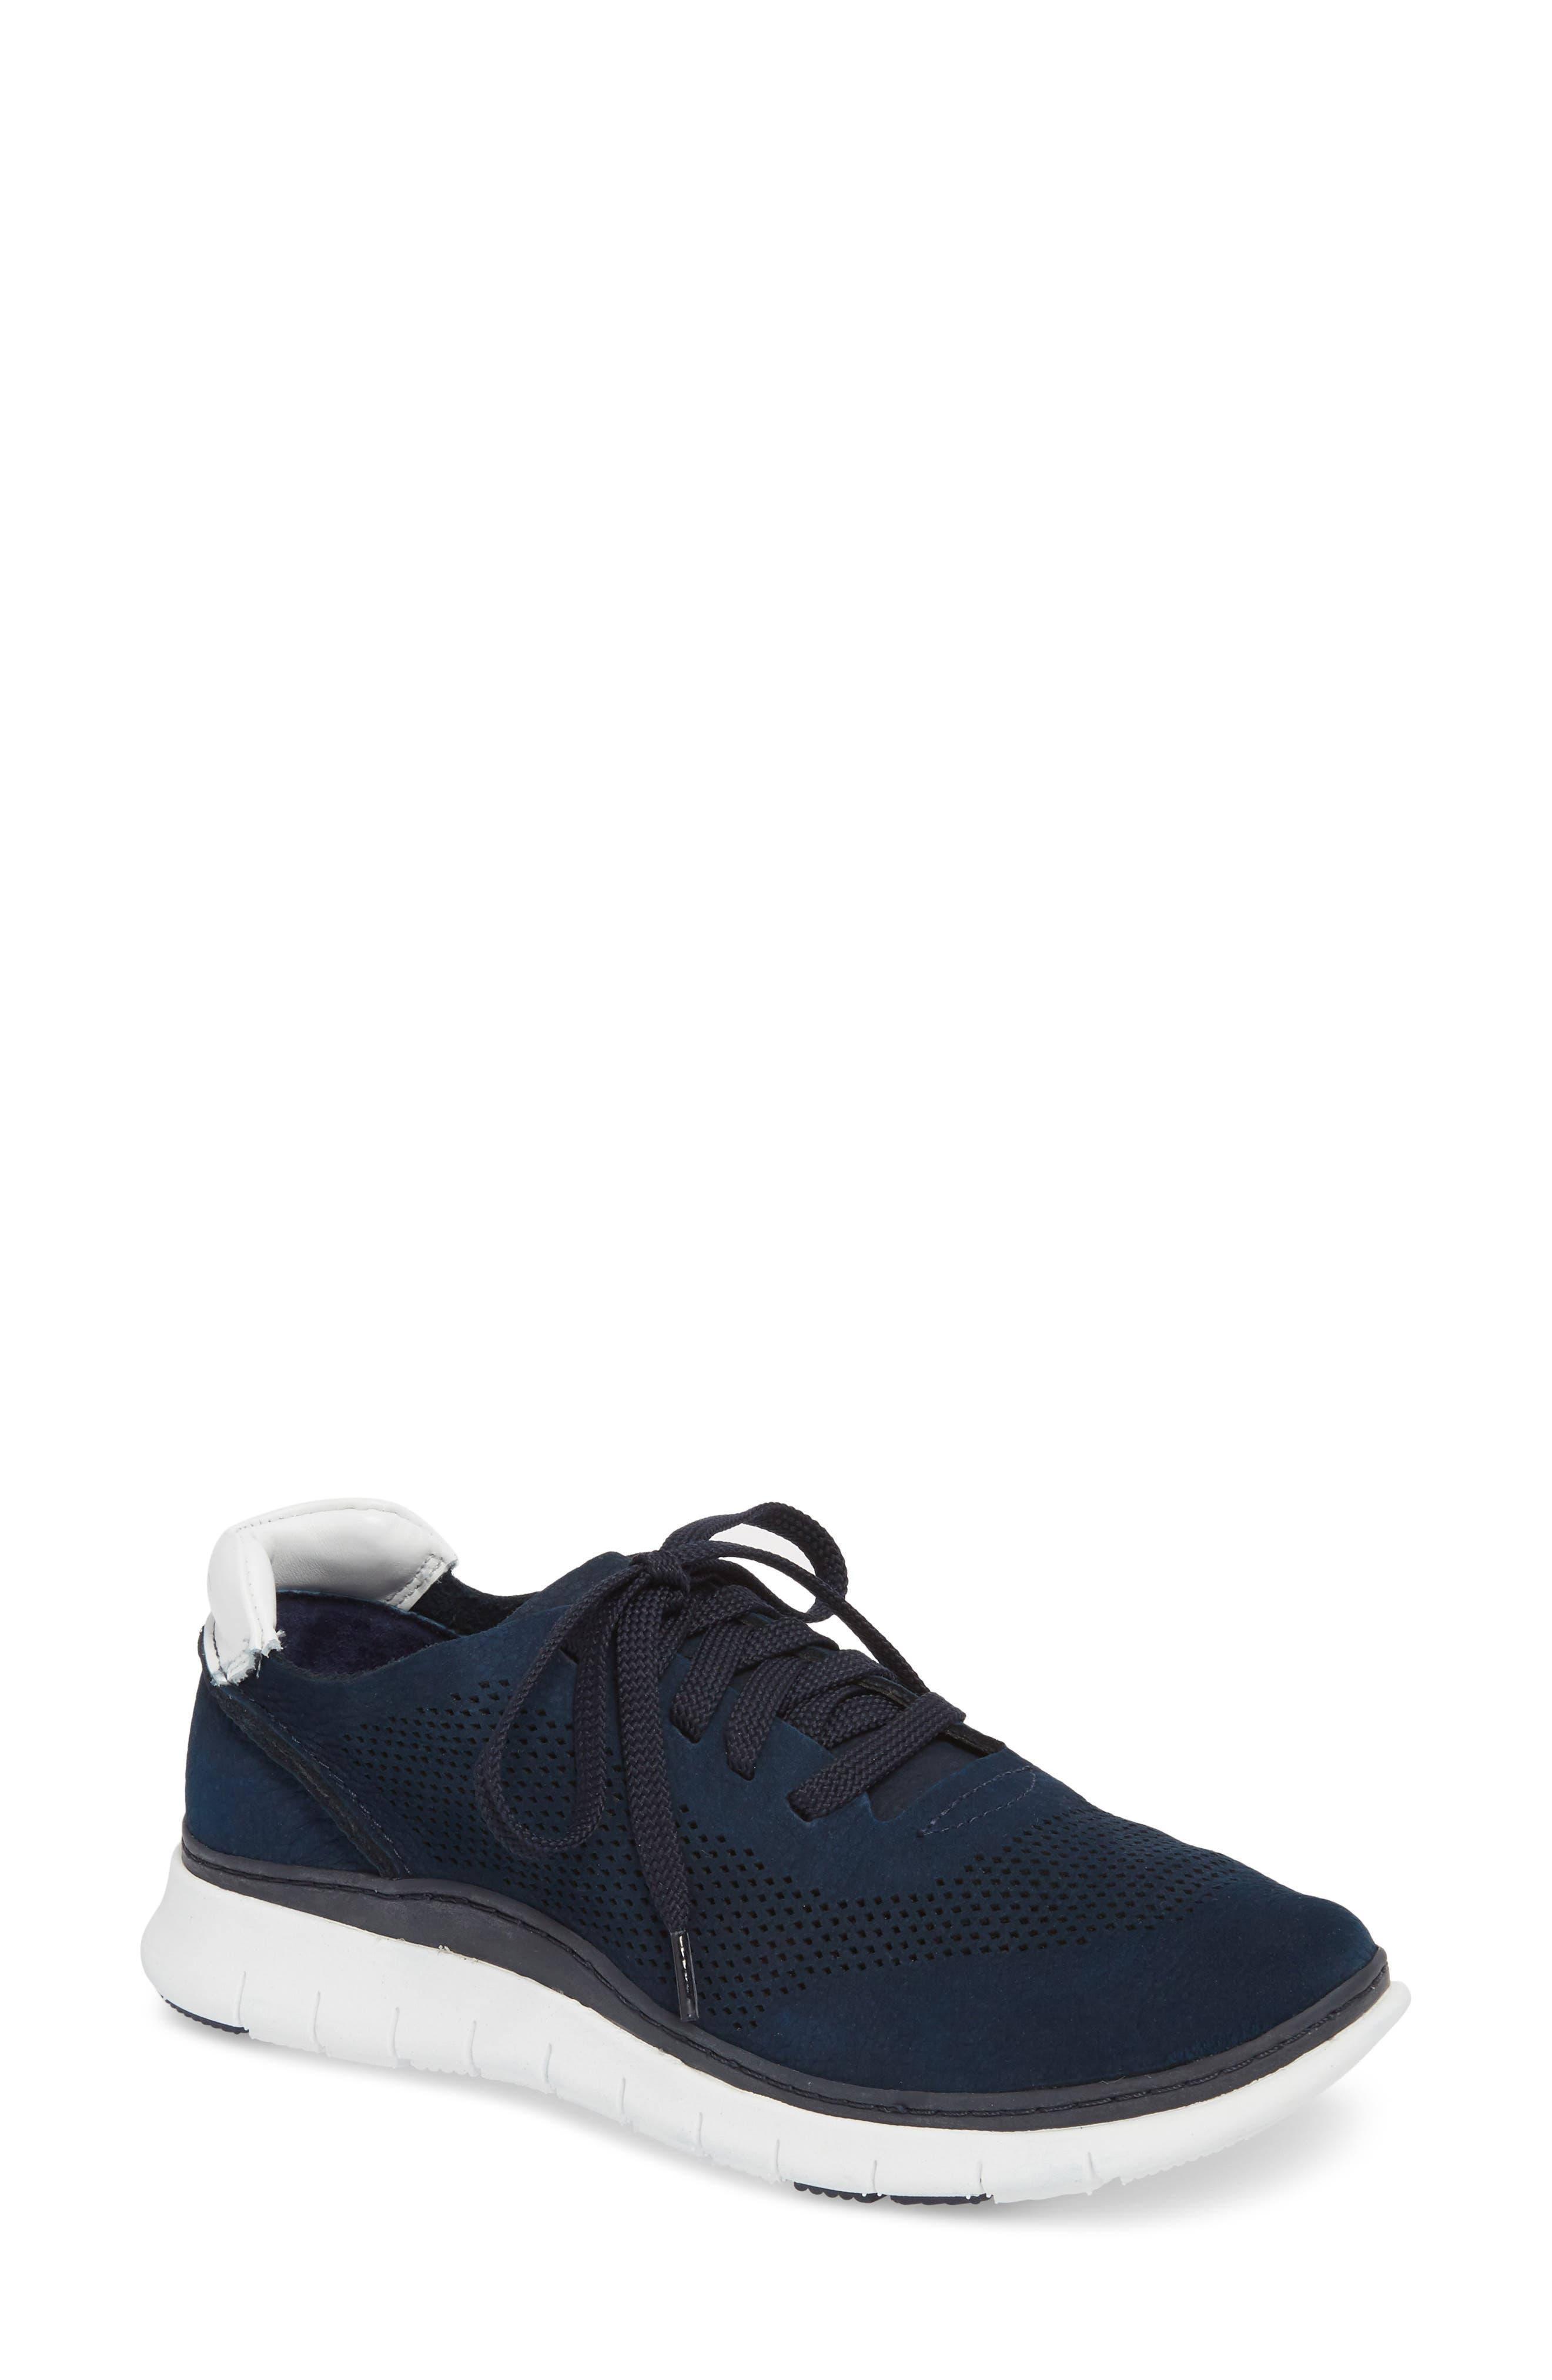 Vionic Joey Sneaker- Blue